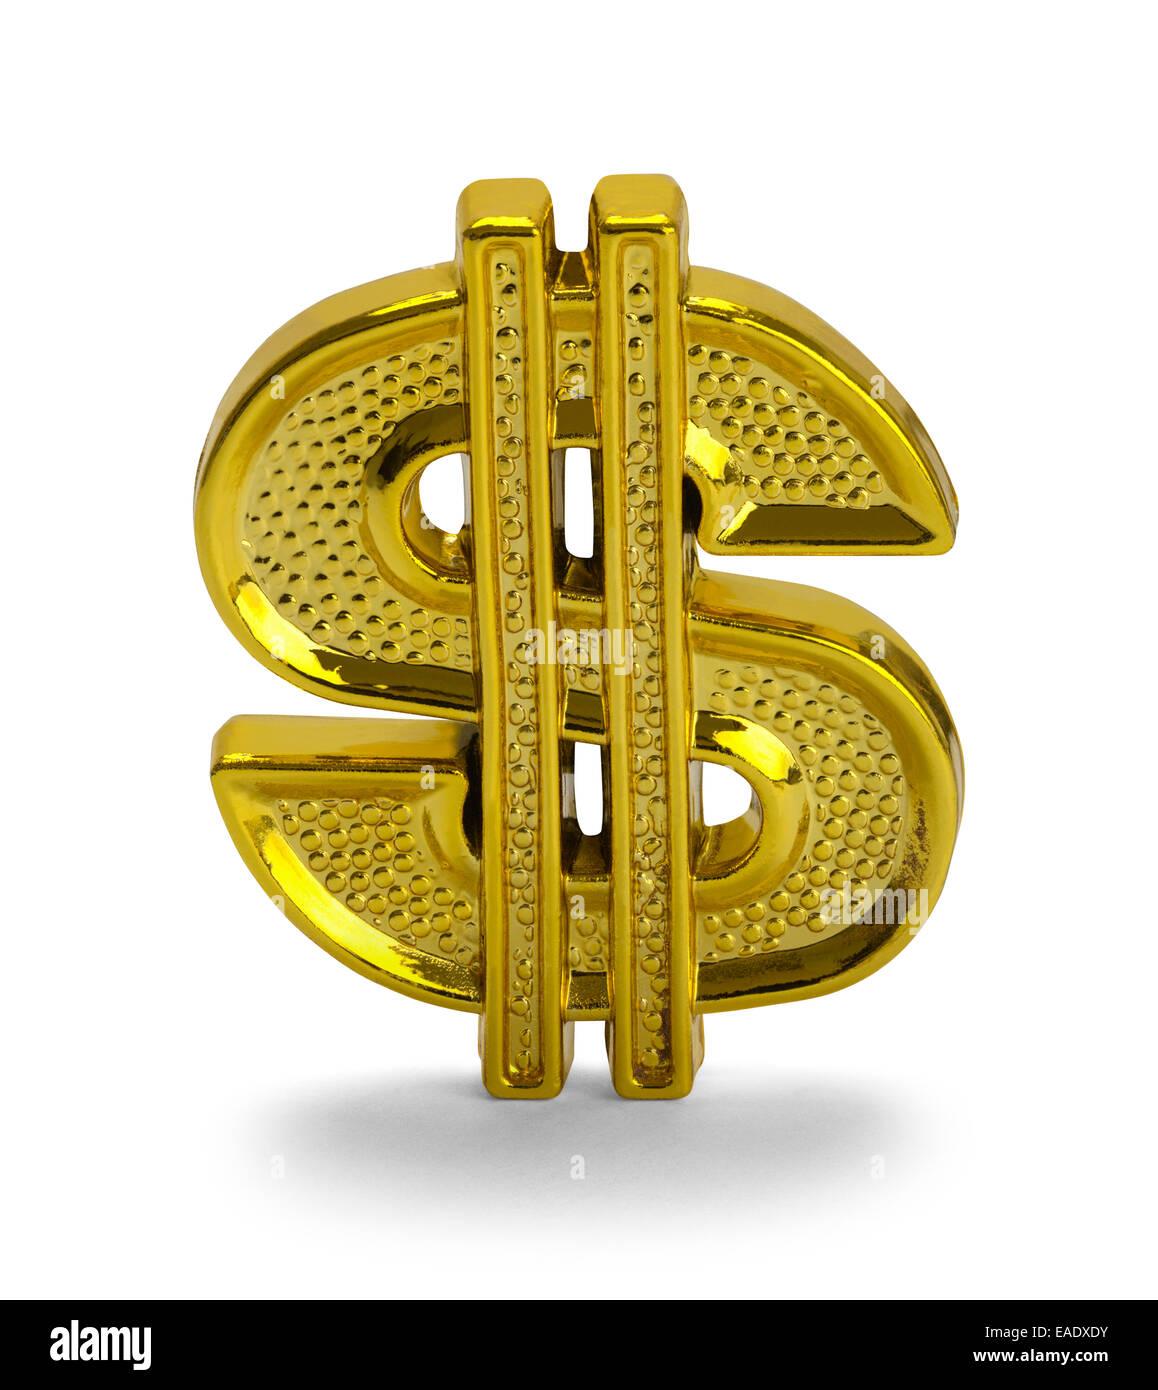 Gold Dollar Symbol Isolated on White Background. - Stock Image